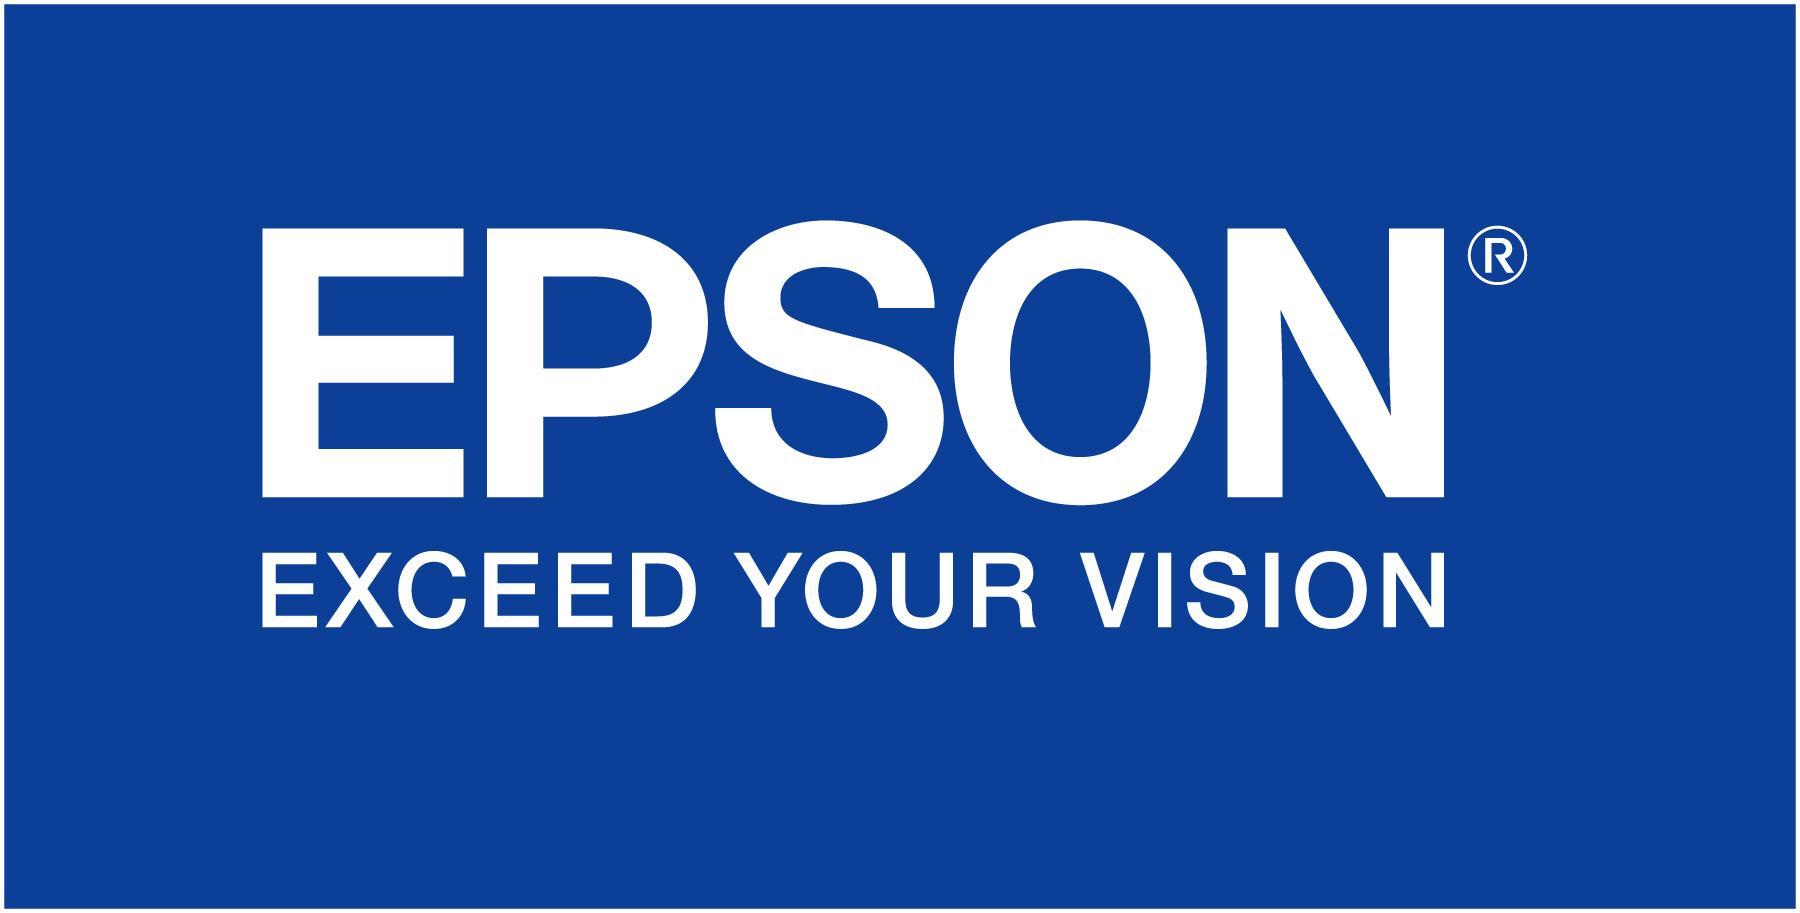 http://www.sonyinsider.com/wp-content/uploads/2009/07/epson-logo.jpg